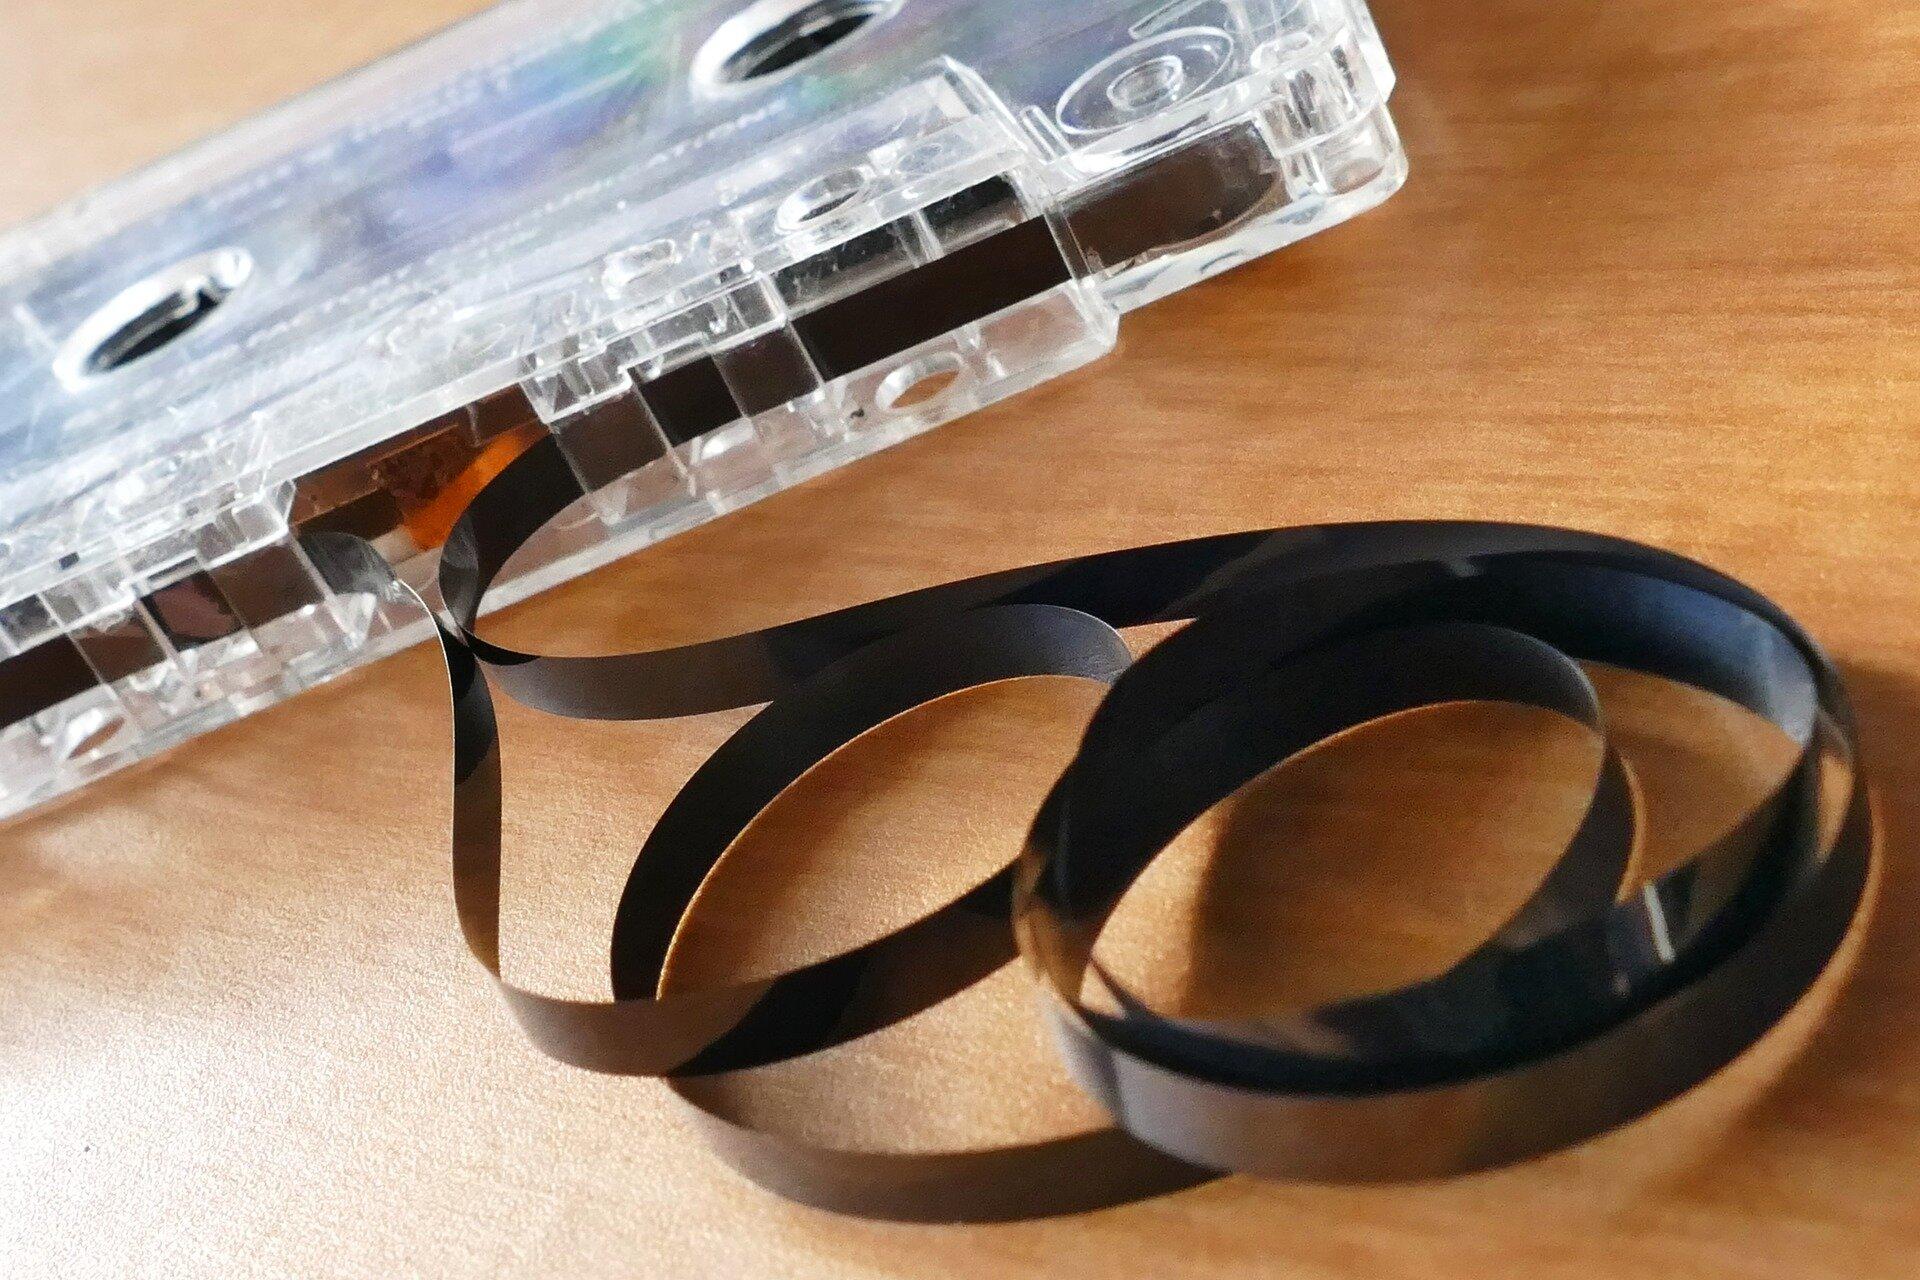 Fuji envisions 400TB tape drive